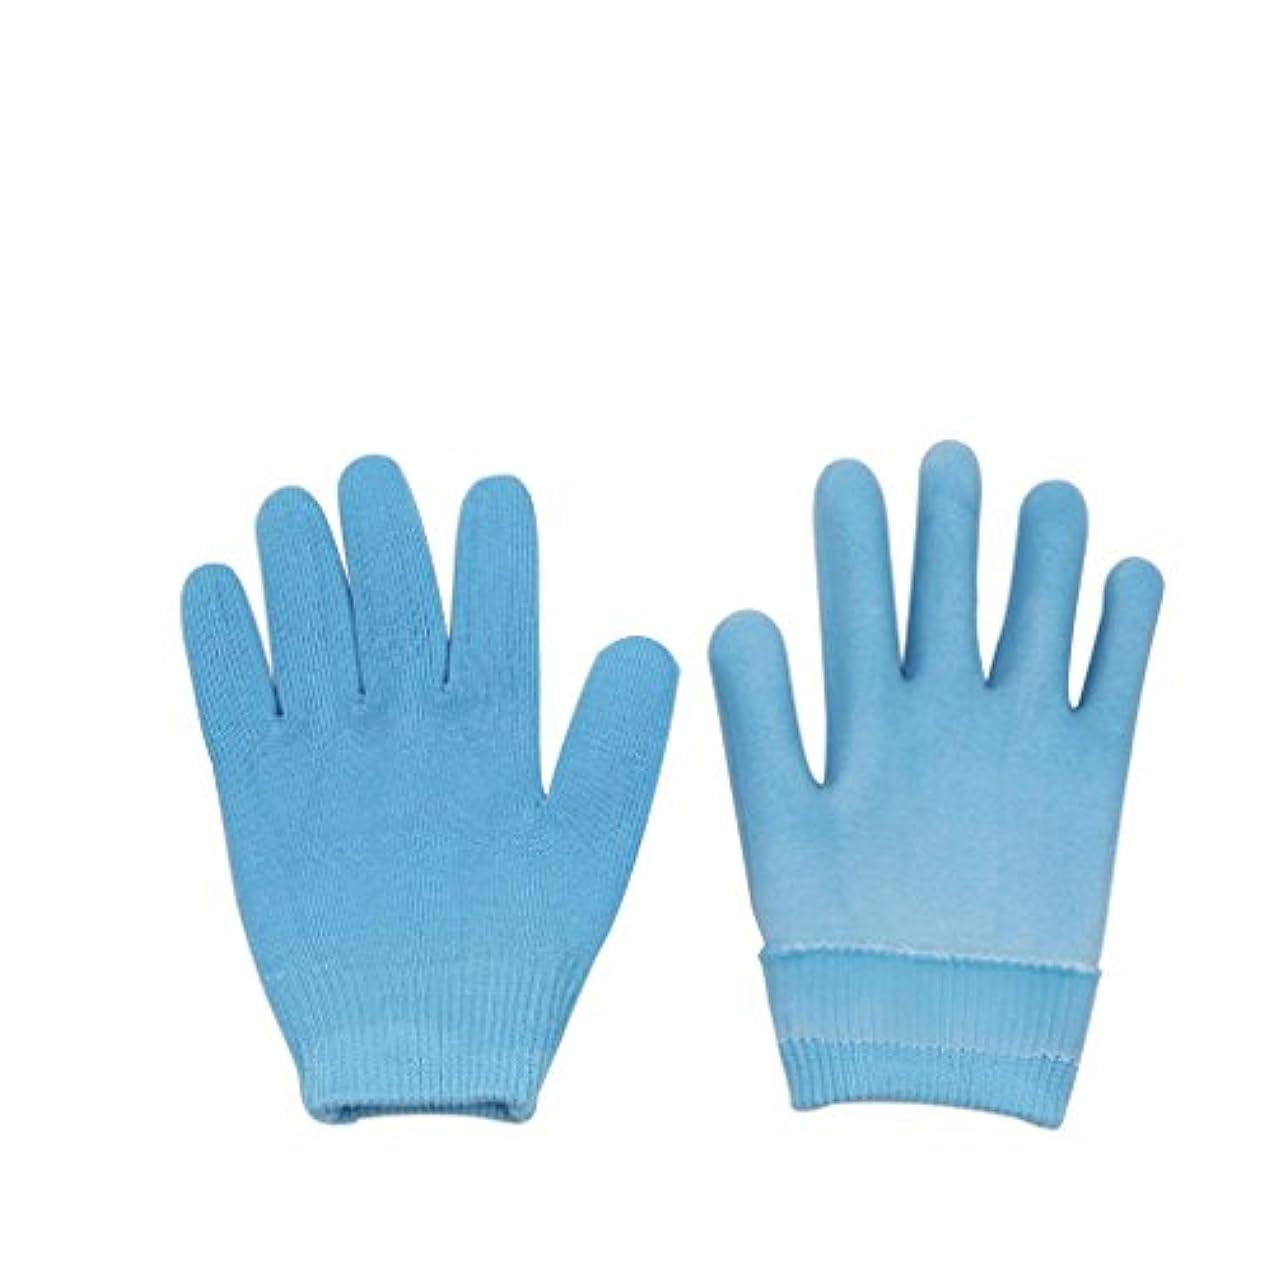 大惨事コンプライアンスクリープLovoski 保湿手袋 おやすみ手袋 手袋 手湿疹 乾燥防止 手荒れ 保湿 スキンケア  メンズ レディース 全3色選べ - ブルー